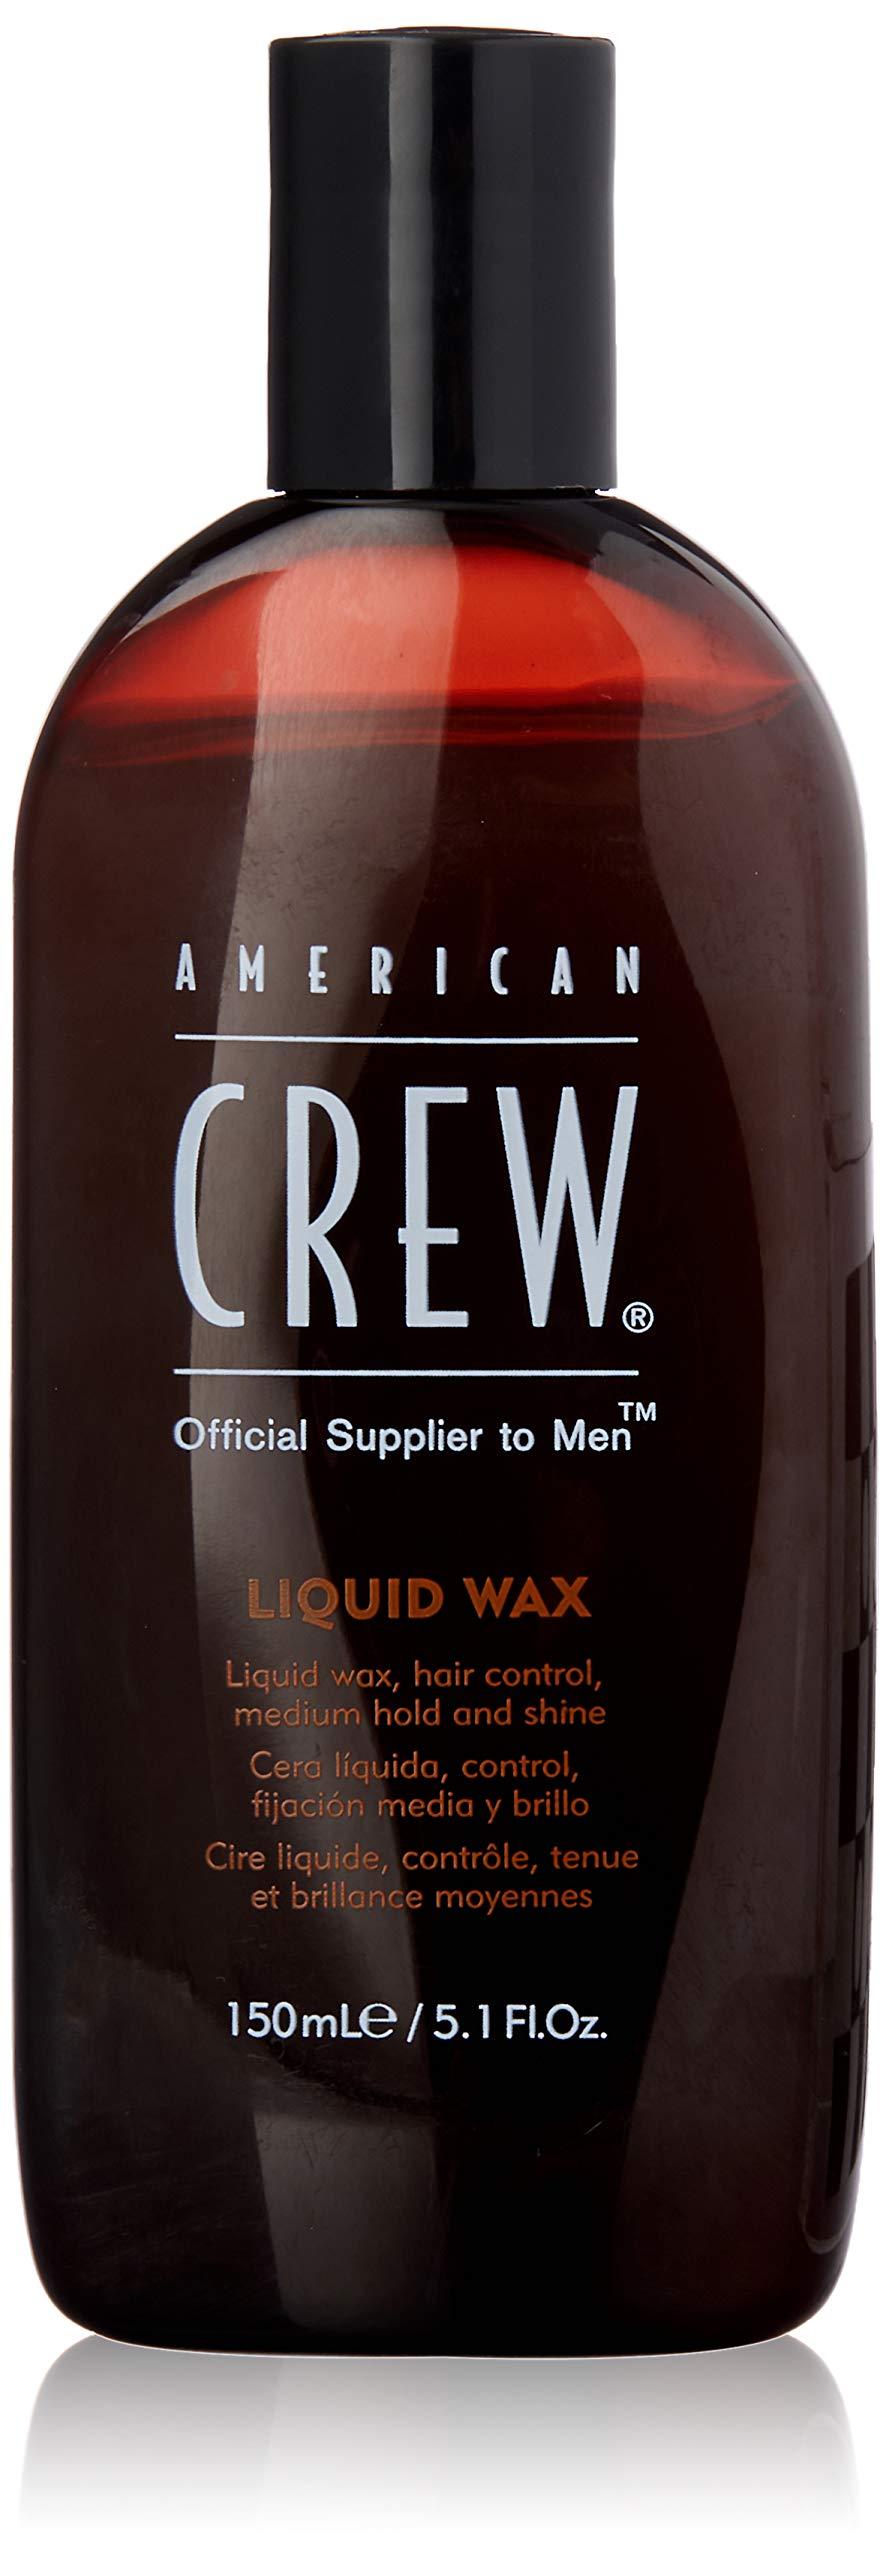 American Crew Cera Liquida (Fijación Media y Brillo Medio) 150 ml